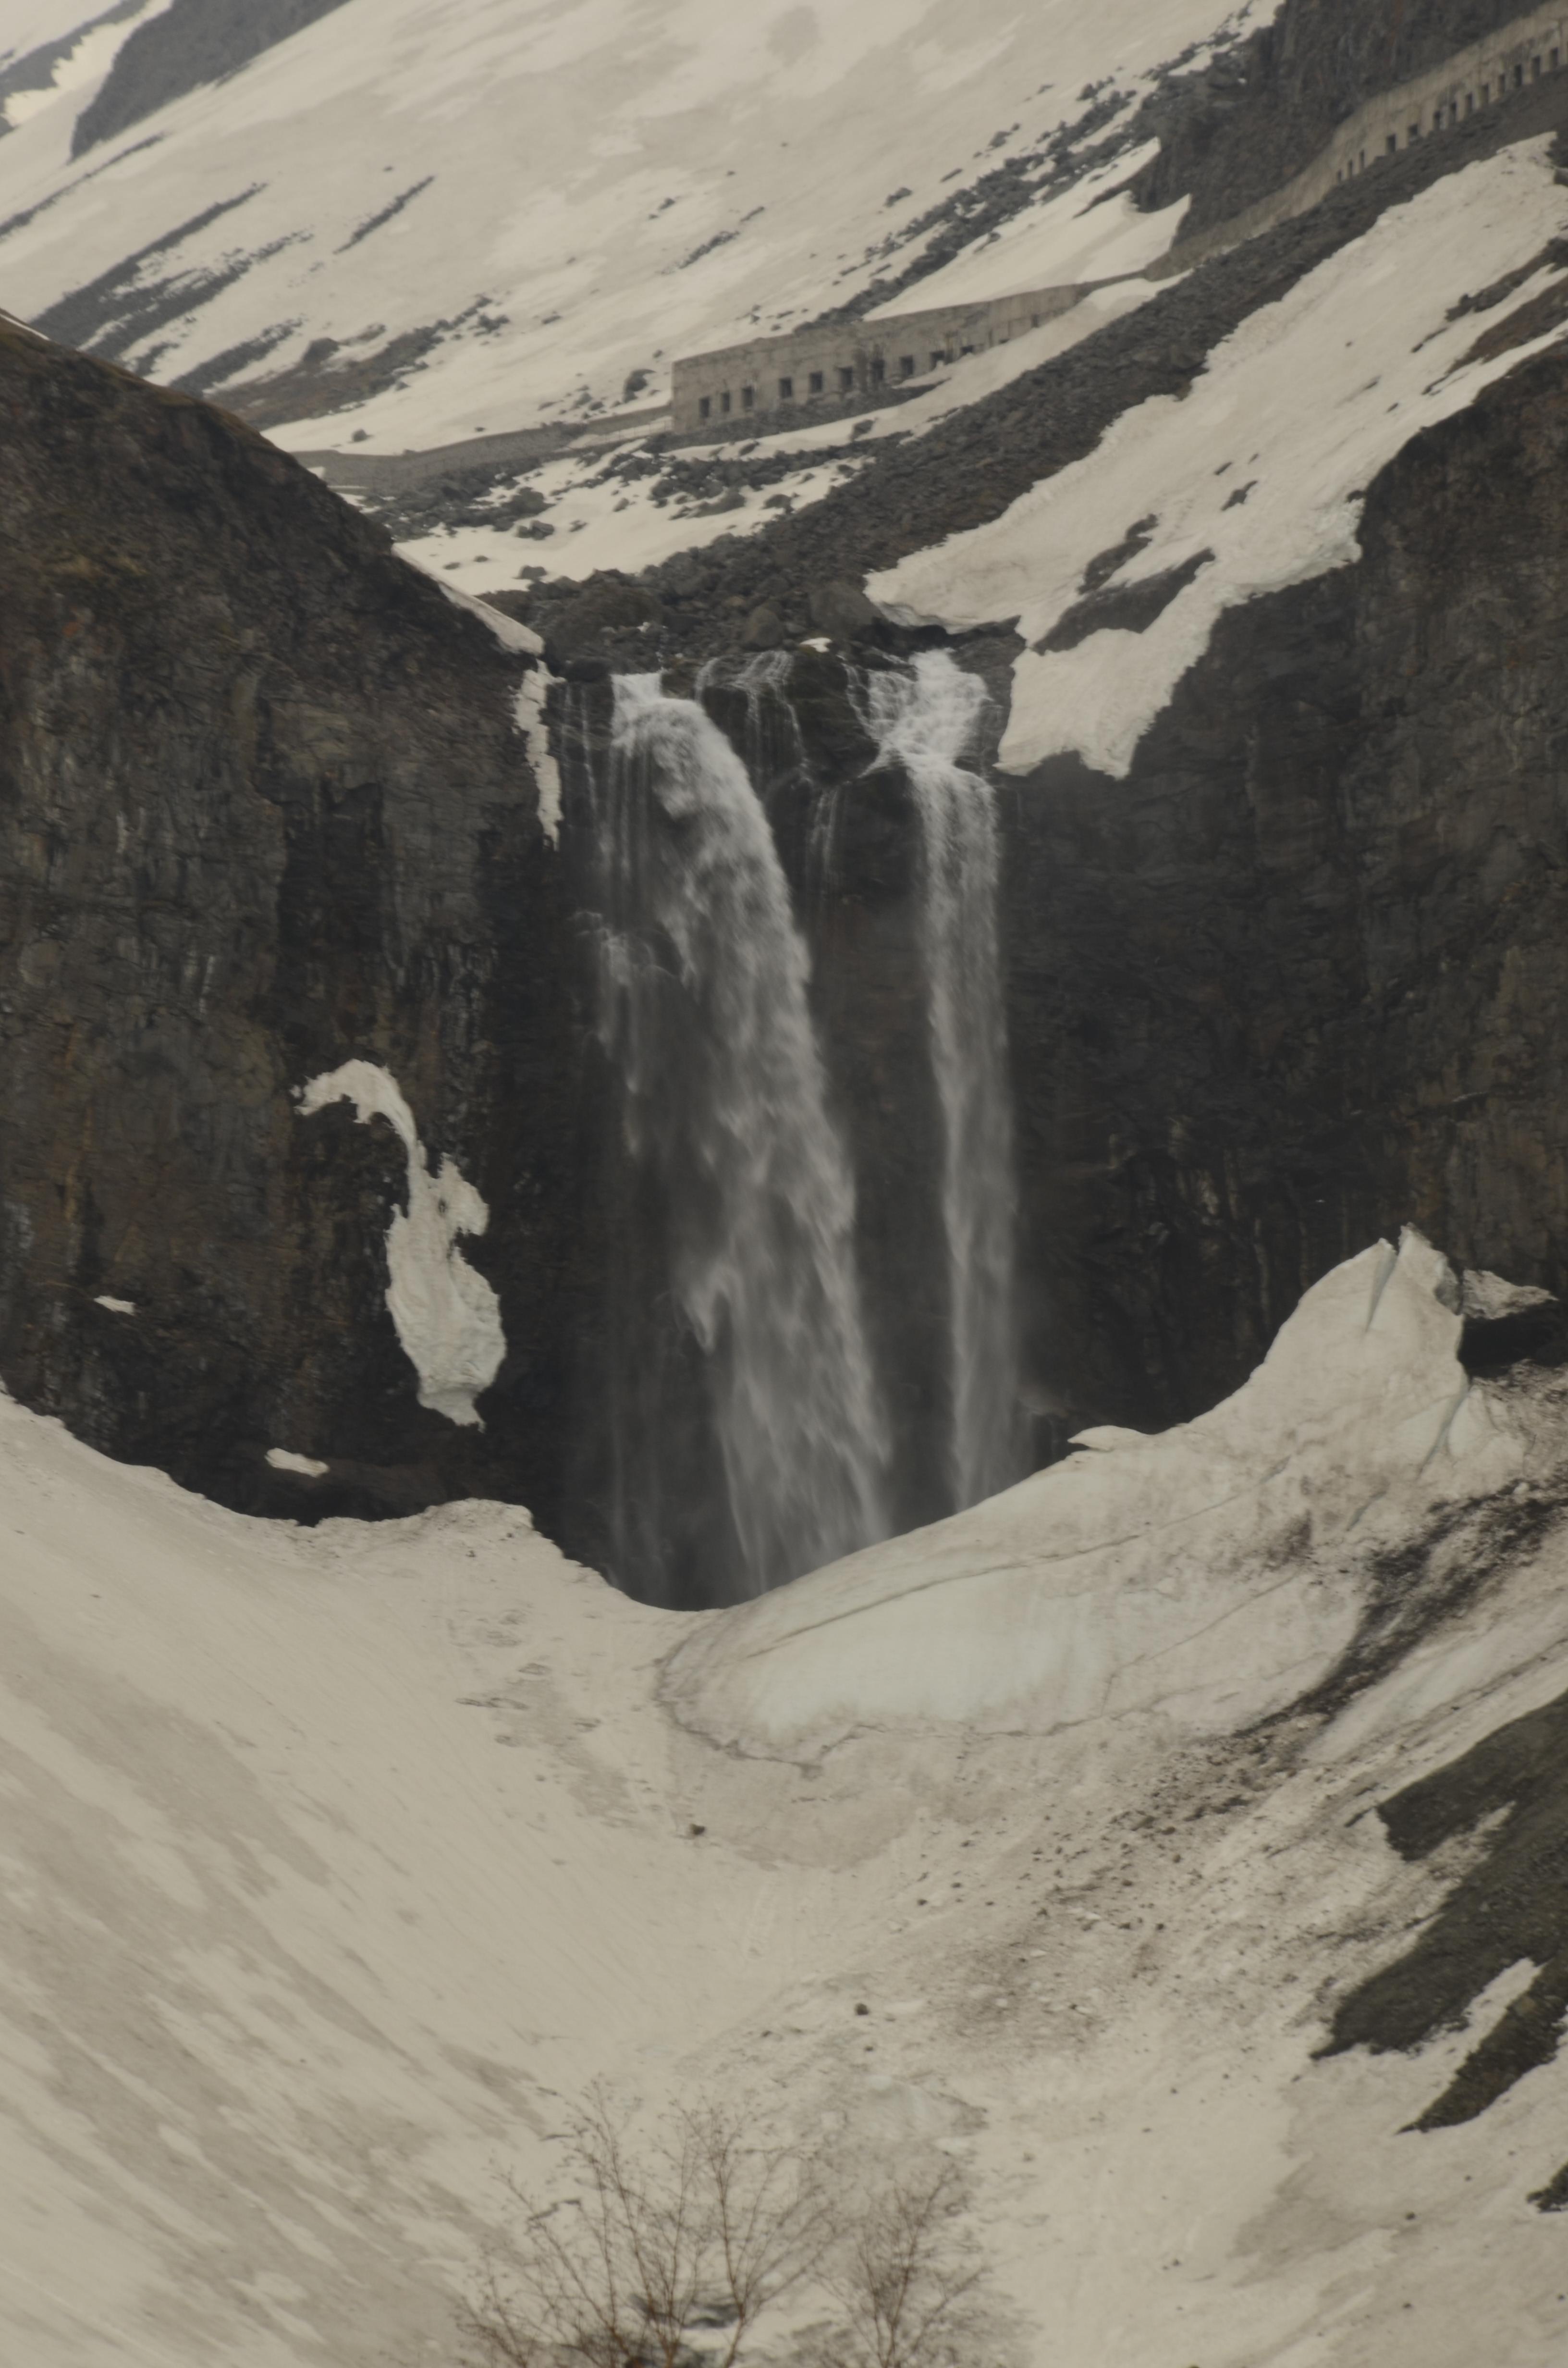 壁纸 风景 旅游 瀑布 山水 桌面 3264_4928 竖版 竖屏 手机